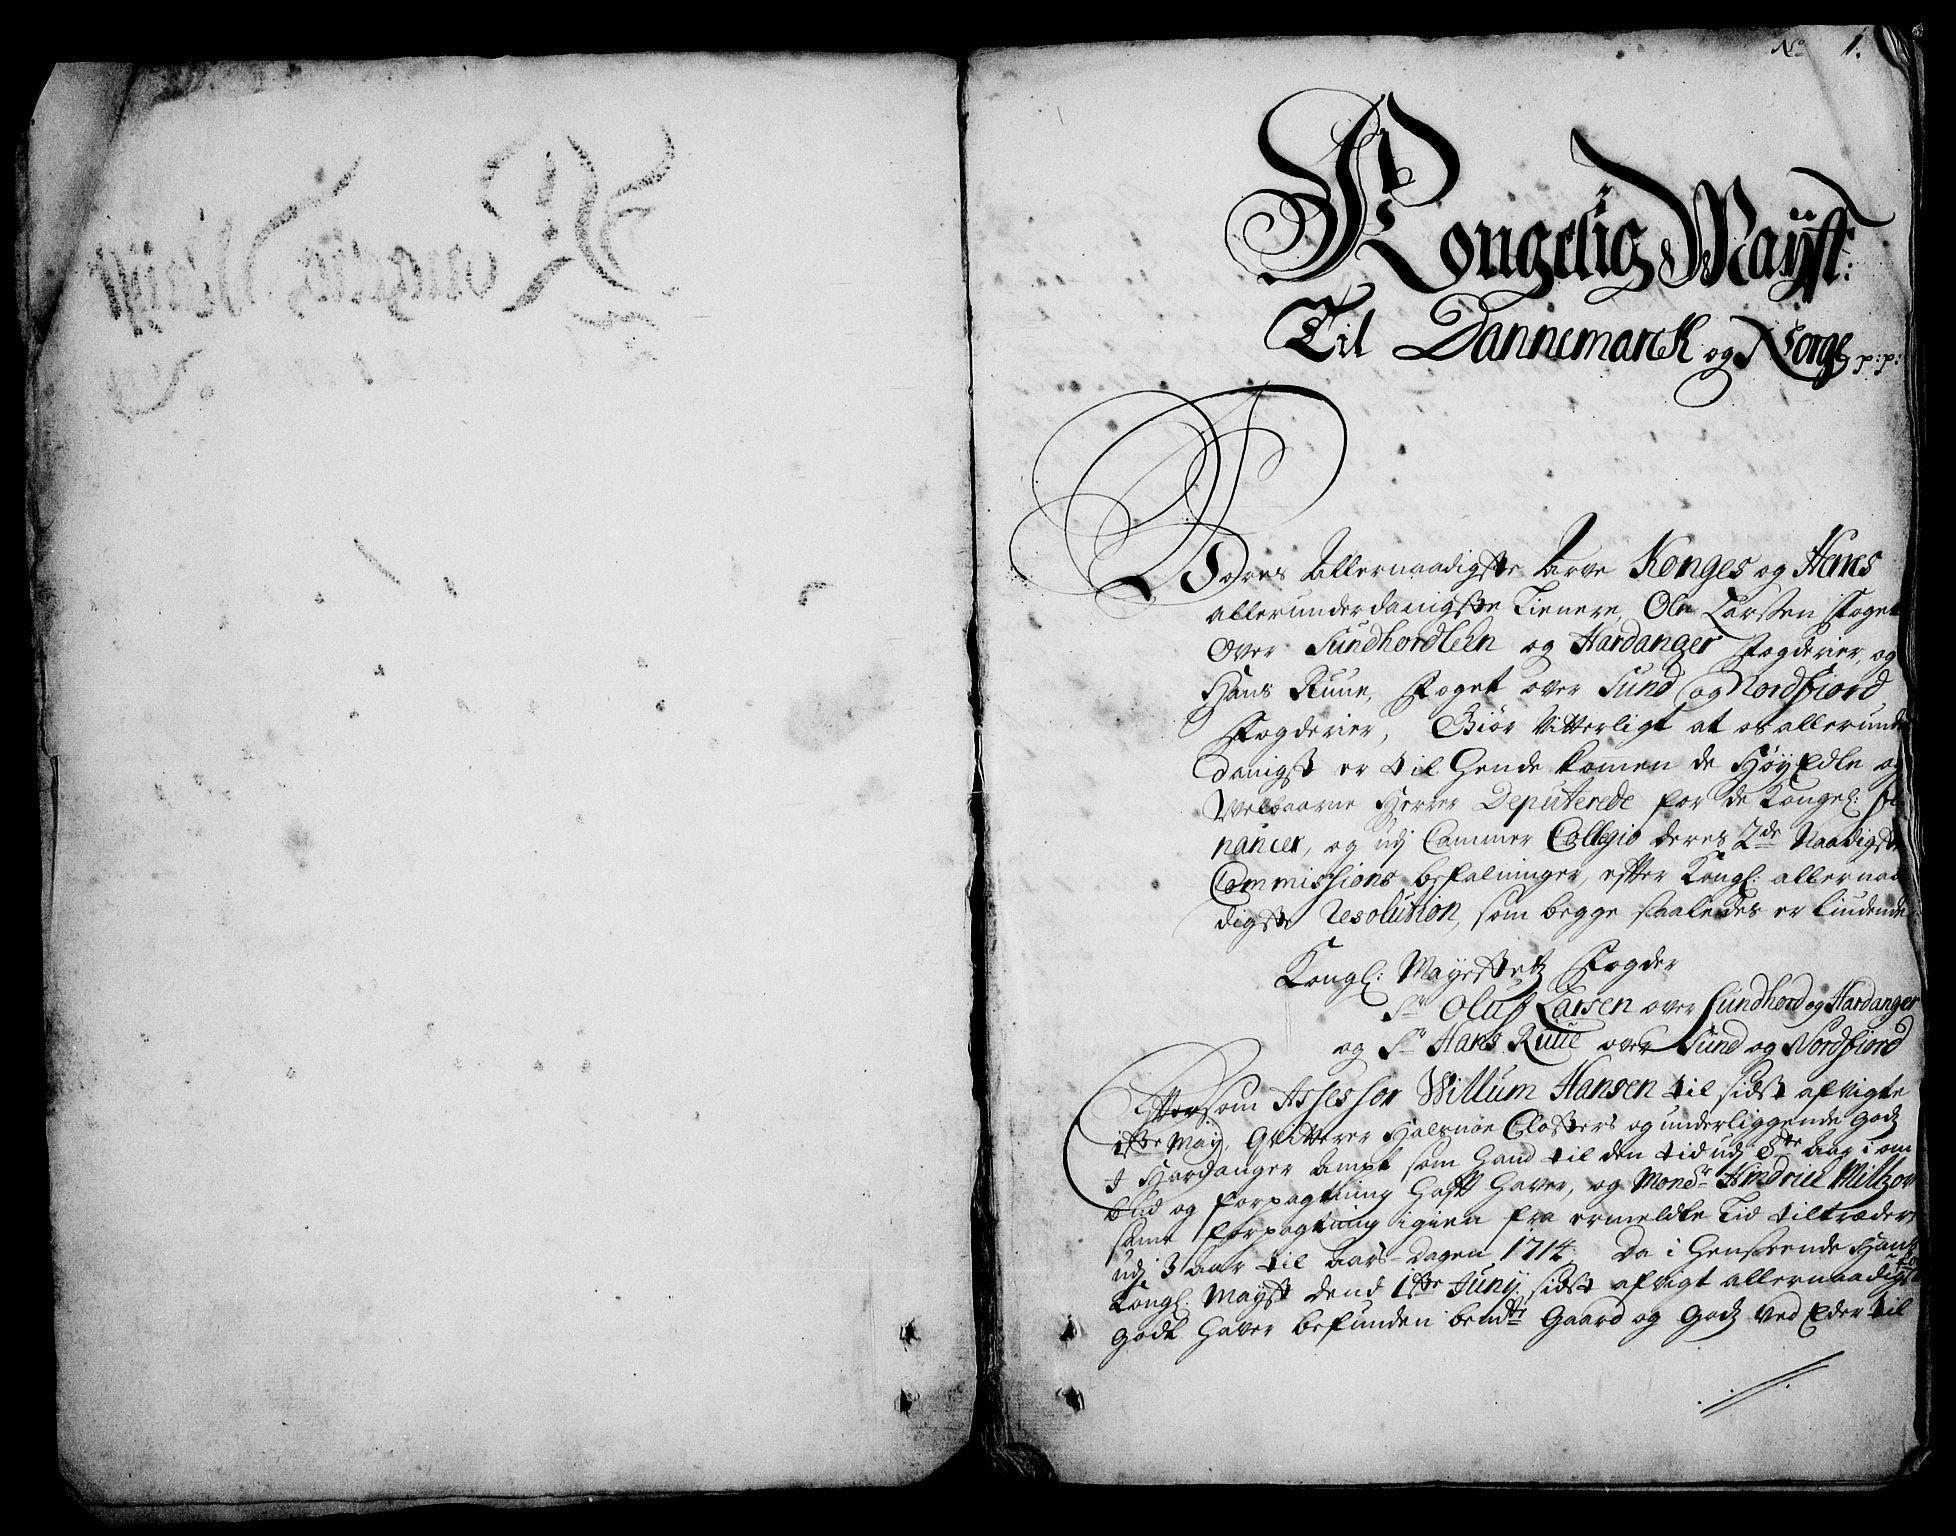 RA, Rentekammeret inntil 1814, Realistisk ordnet avdeling, On/L0003: [Jj 4]: Kommisjonsforretning over Vilhelm Hanssøns forpaktning av Halsnøy klosters gods, 1712-1722, s. 1a